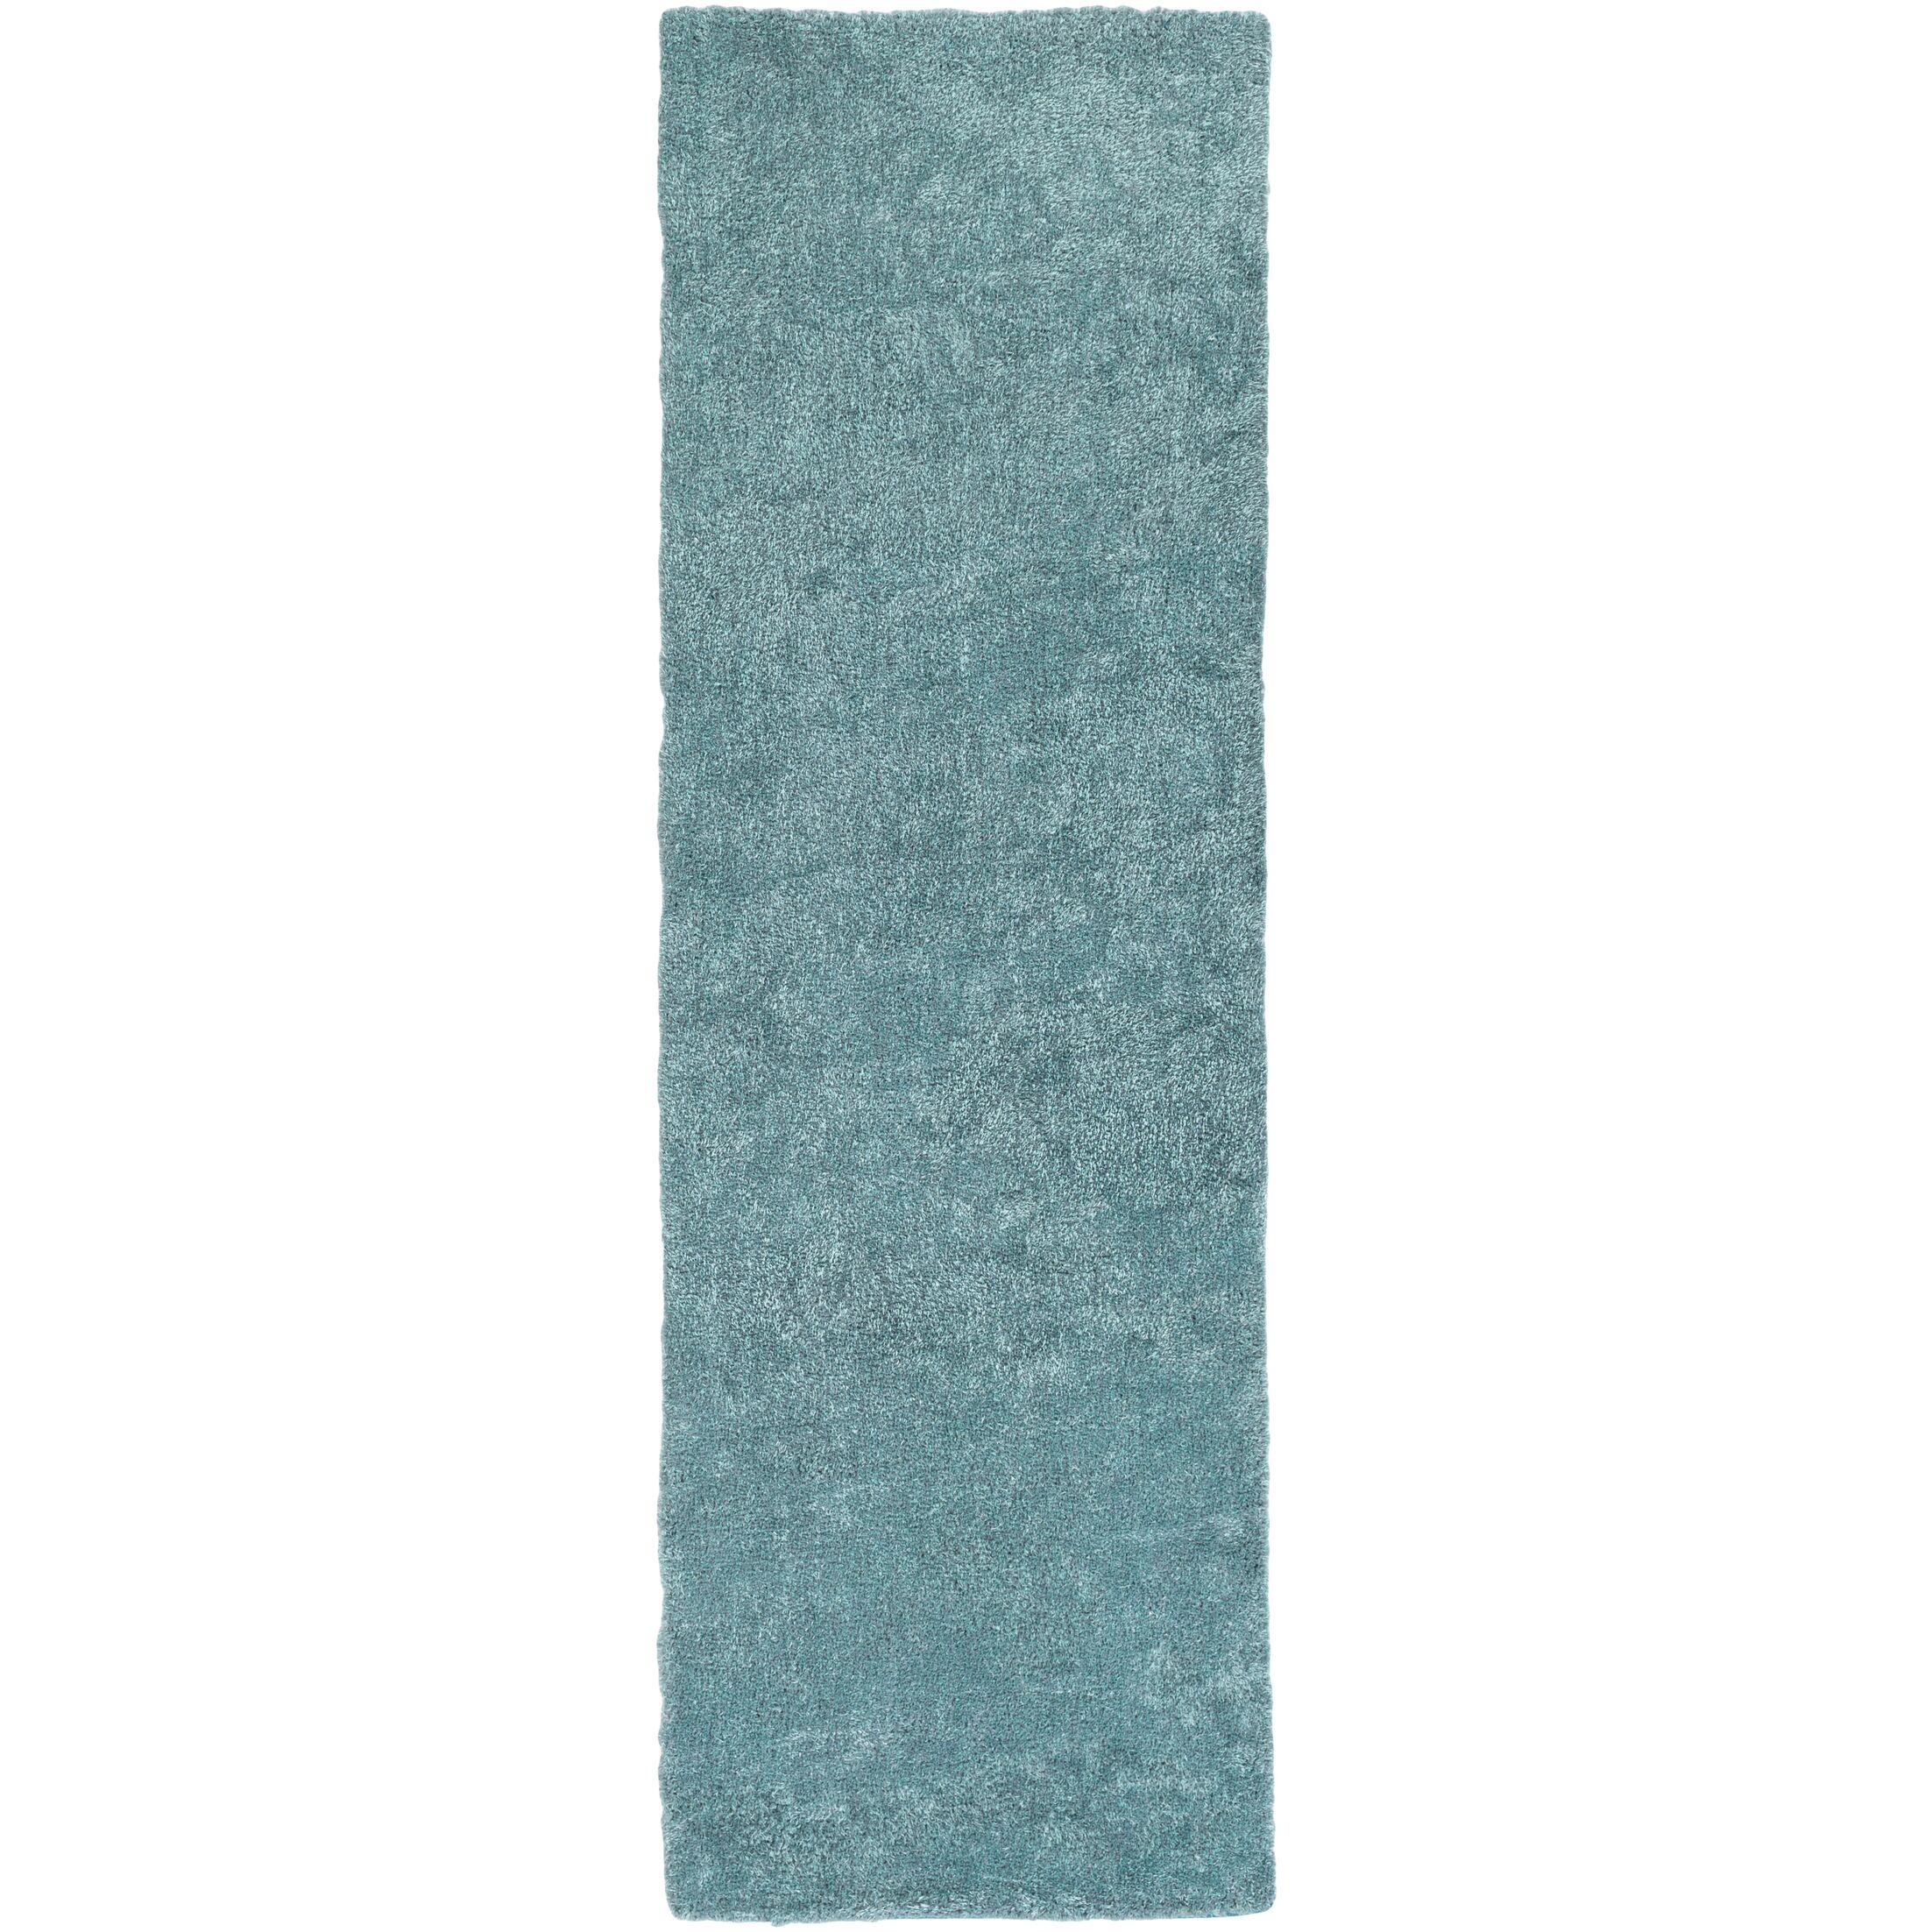 Infant Teal Area Rug Rug Size: Runner 2'6